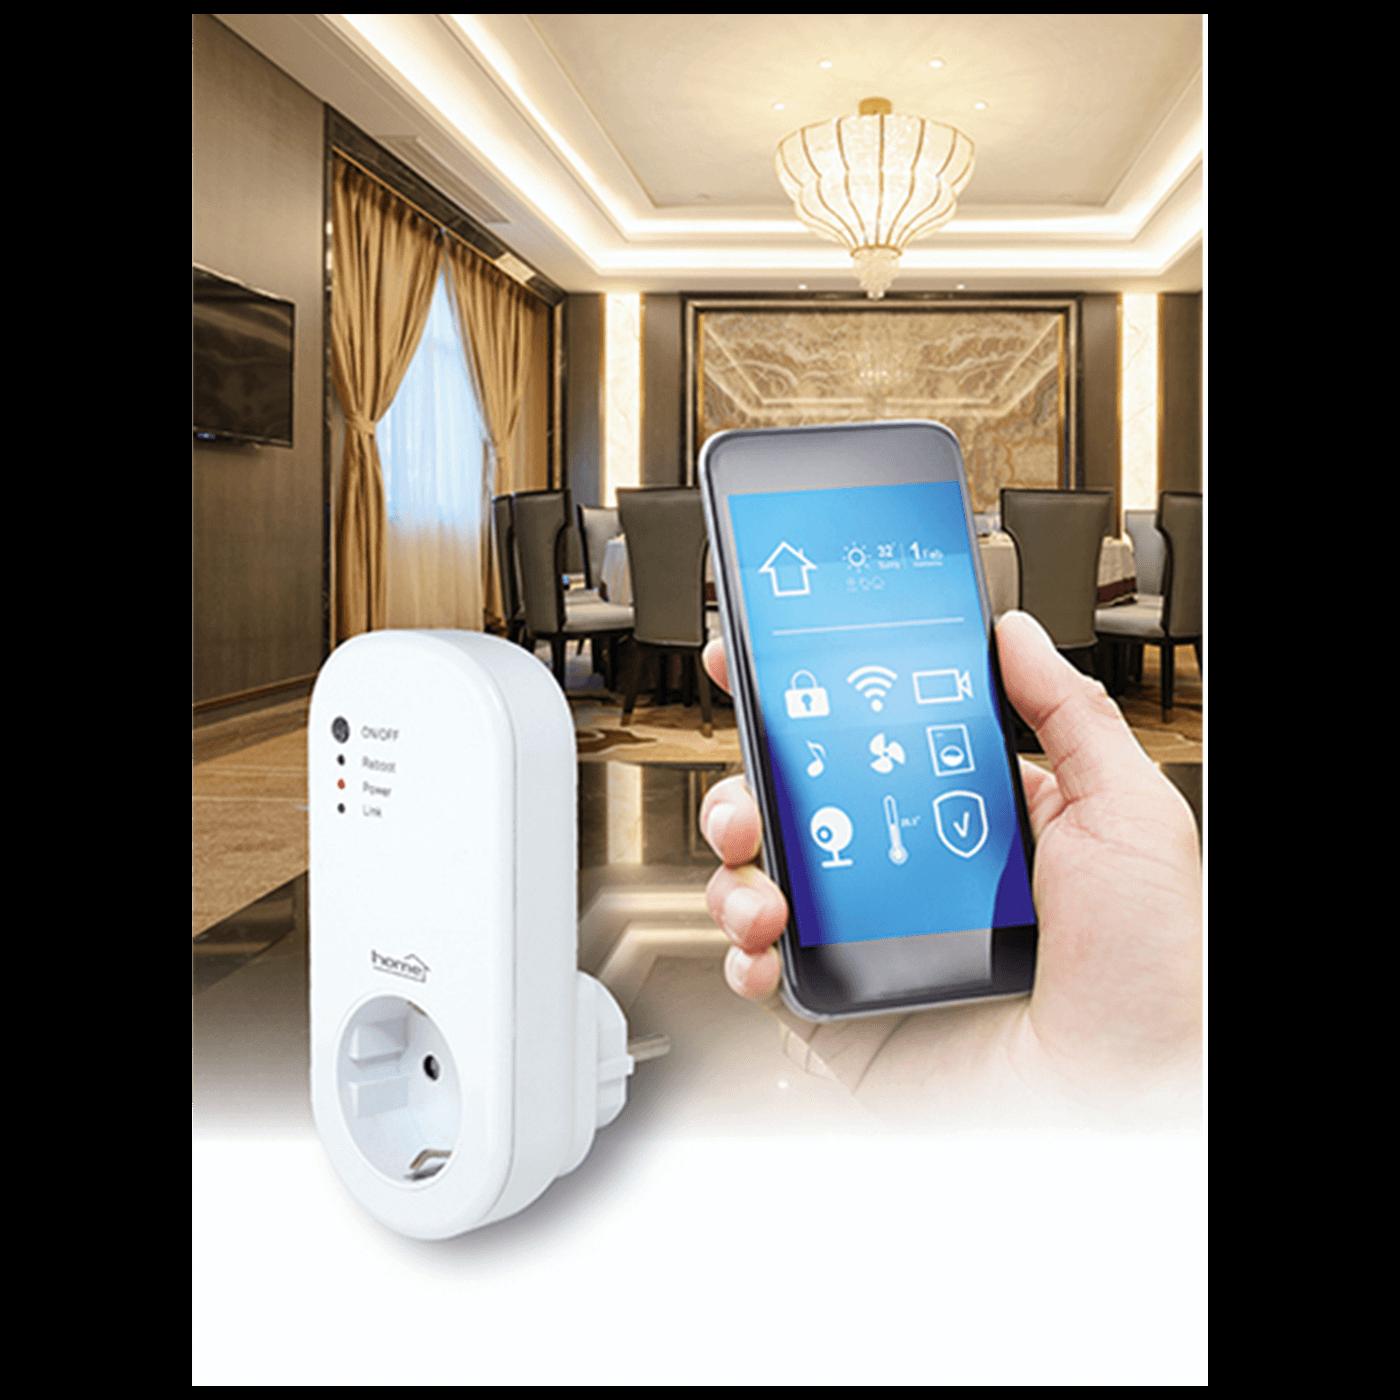 Utičnica, Smart, WiFi, 433.92 MHz